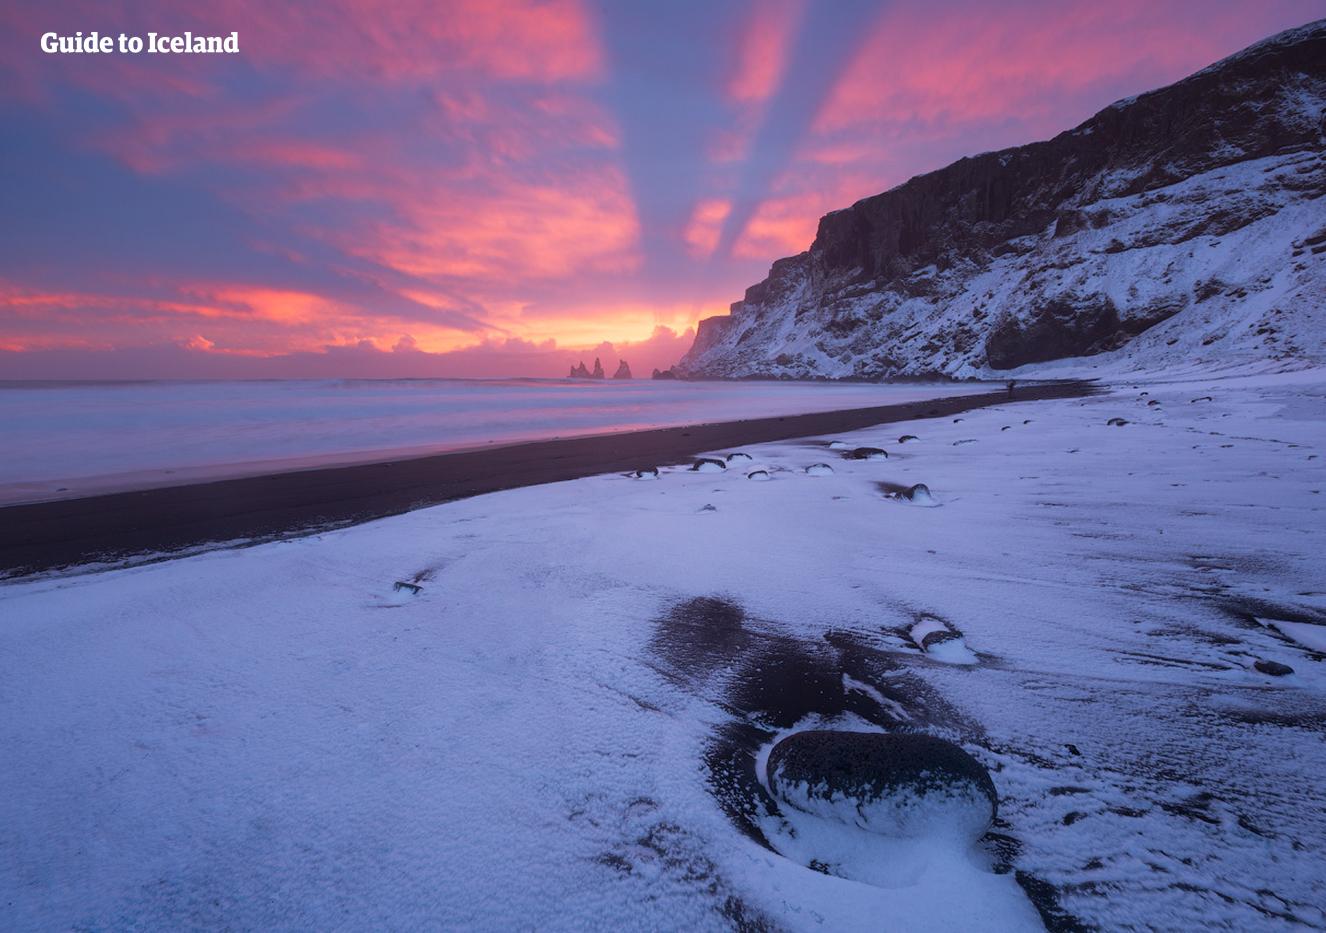 用你自己的节奏游览冬季的冰岛南岸,造访最美景区